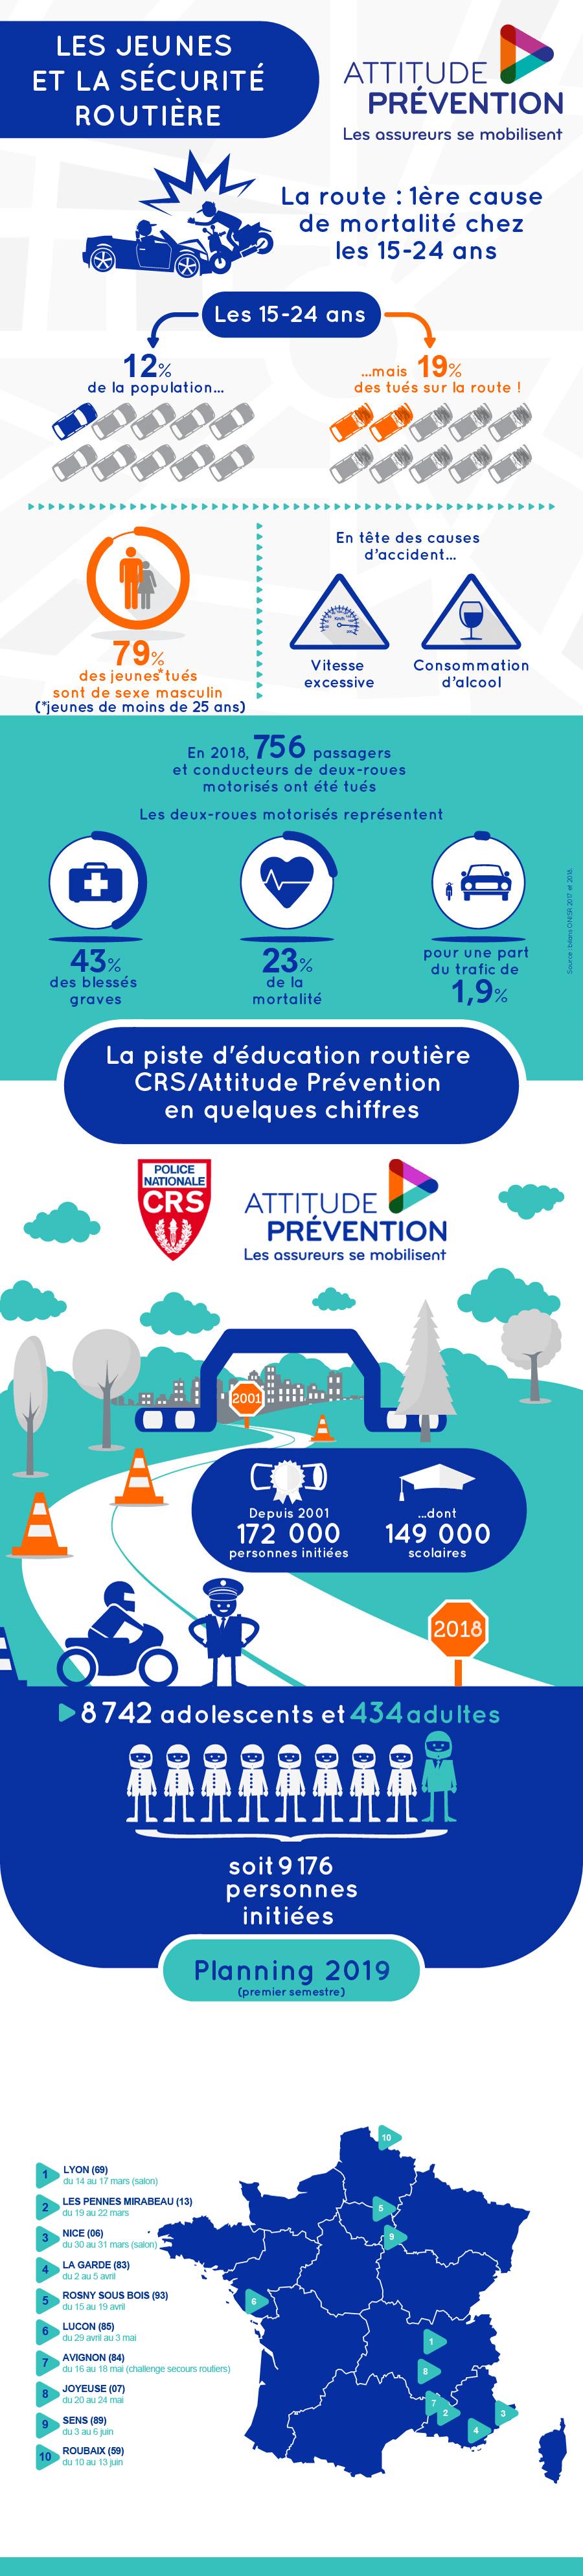 infographie piste CRS Attitude Prévention / Jeunes et sécurité routière / 10.05.2019